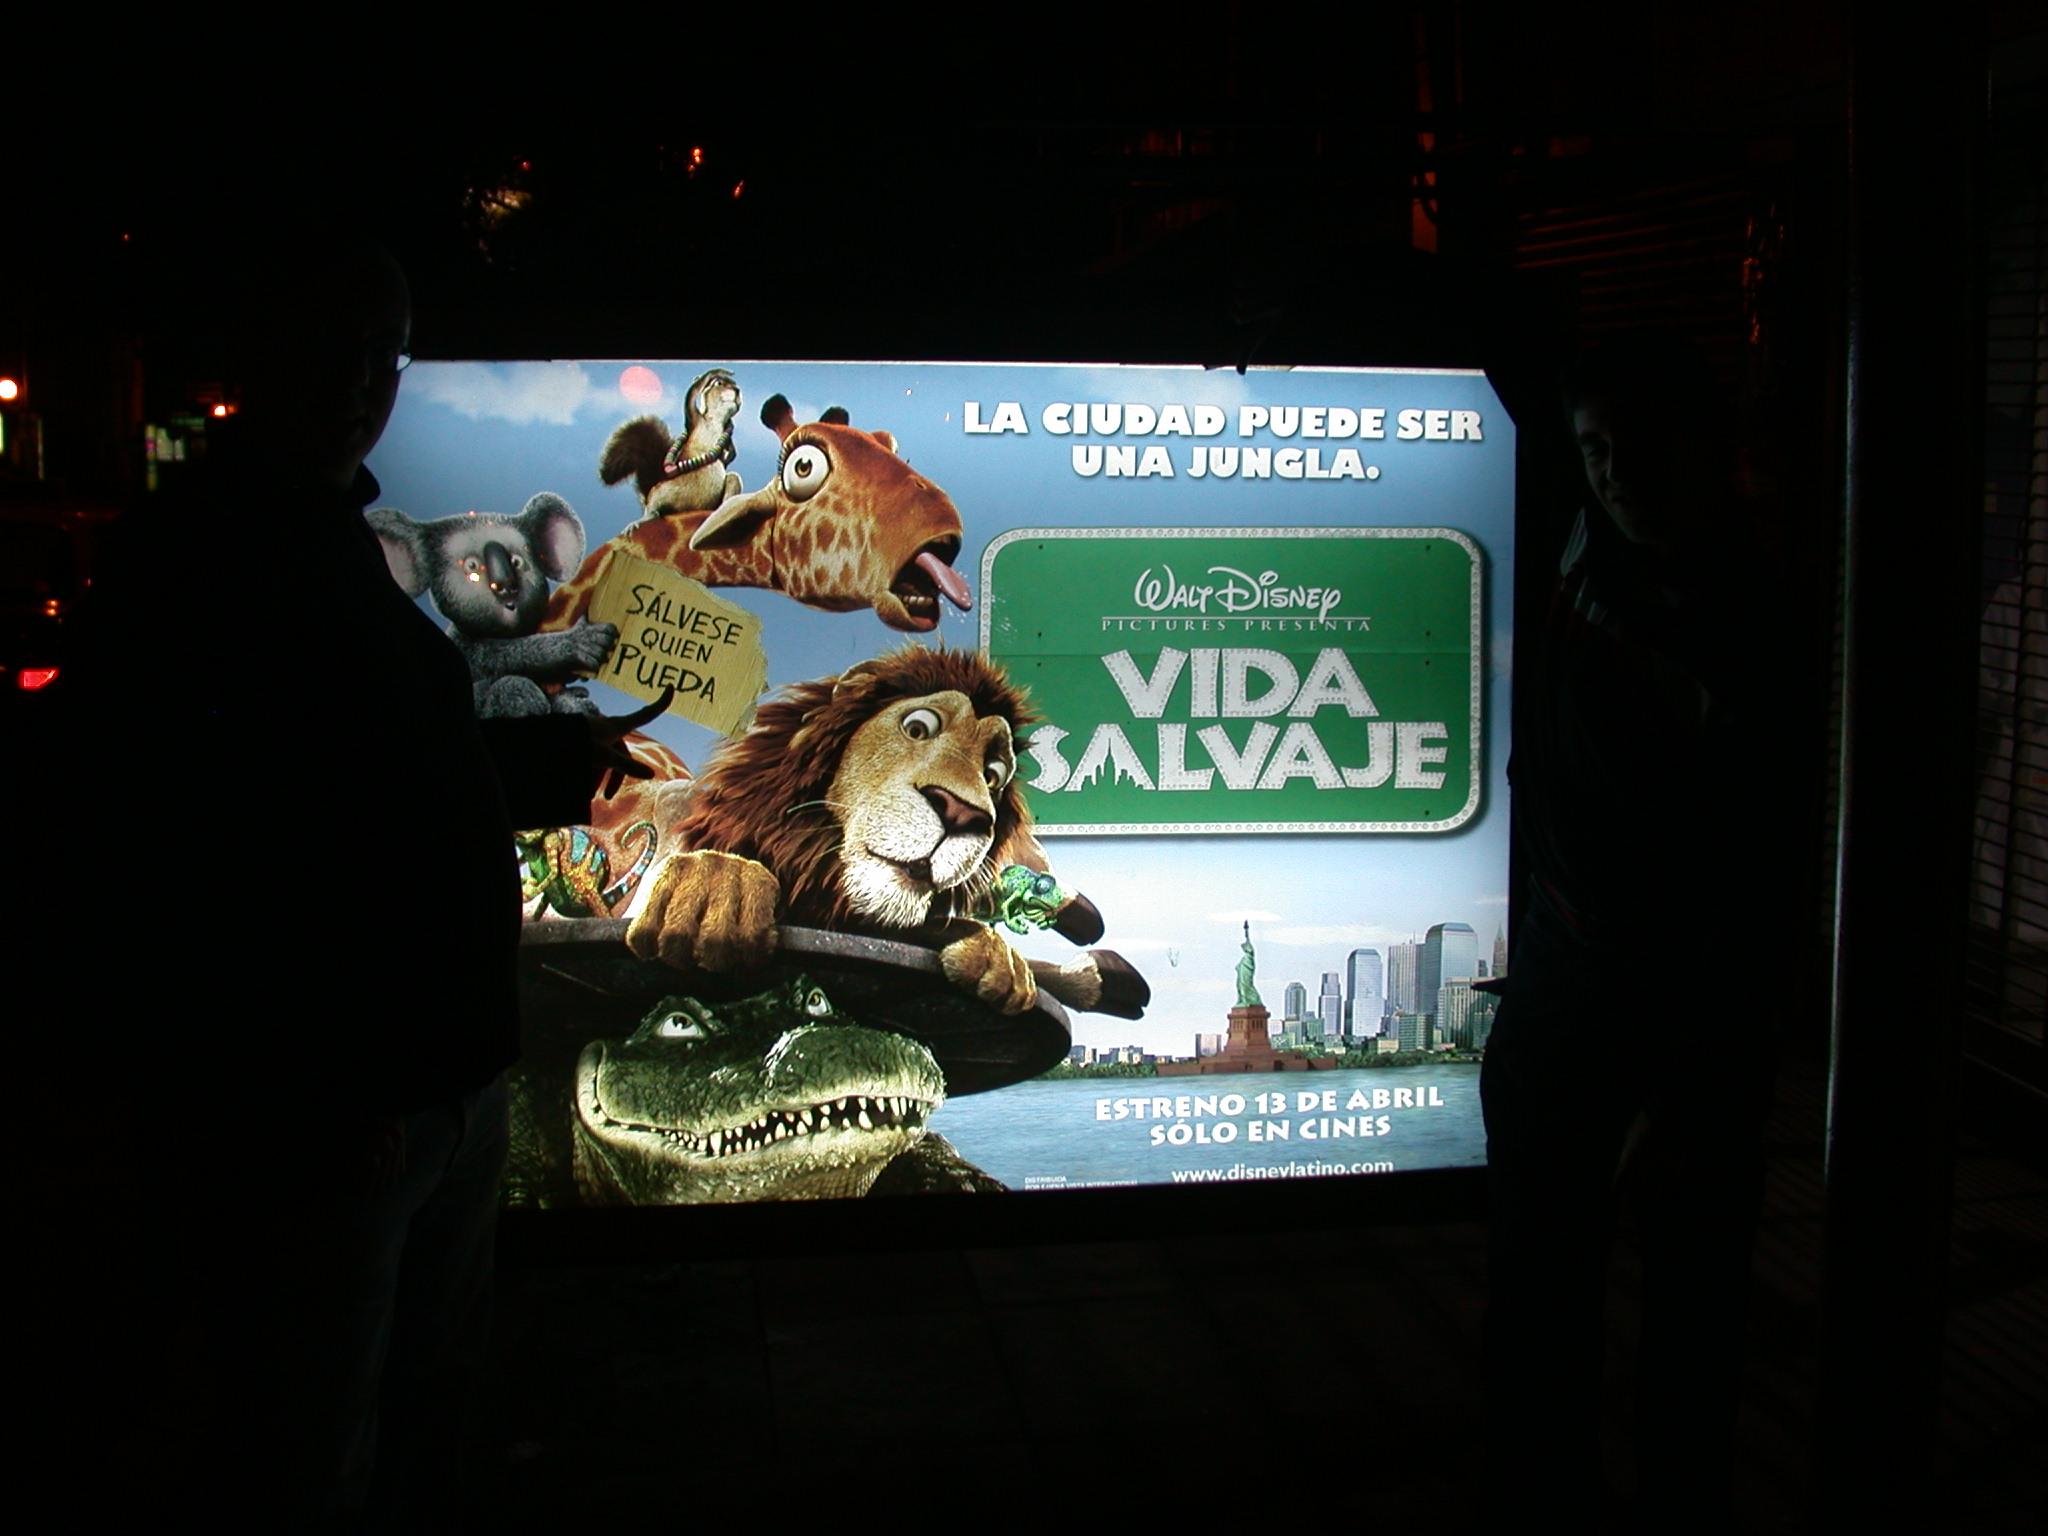 Ad for Disney Film, Buenos Aires, Argentina